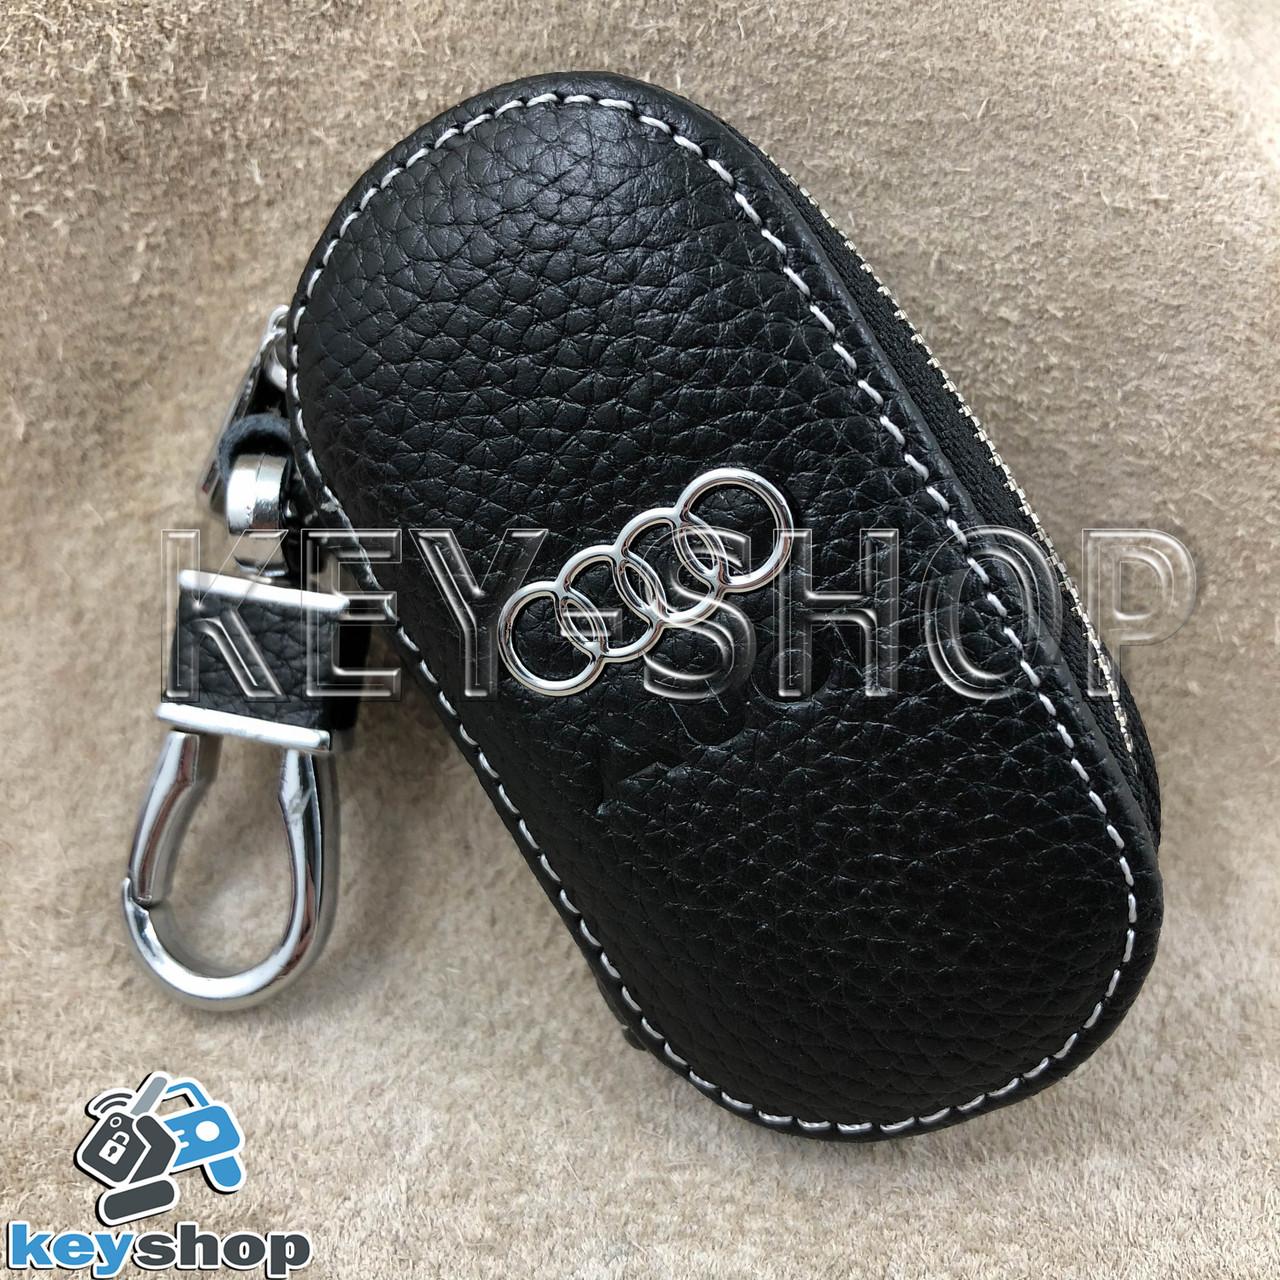 1c4f7c356327a Ключница карманная (кожаная, черная, на молнии, с карабином, с кольцом)